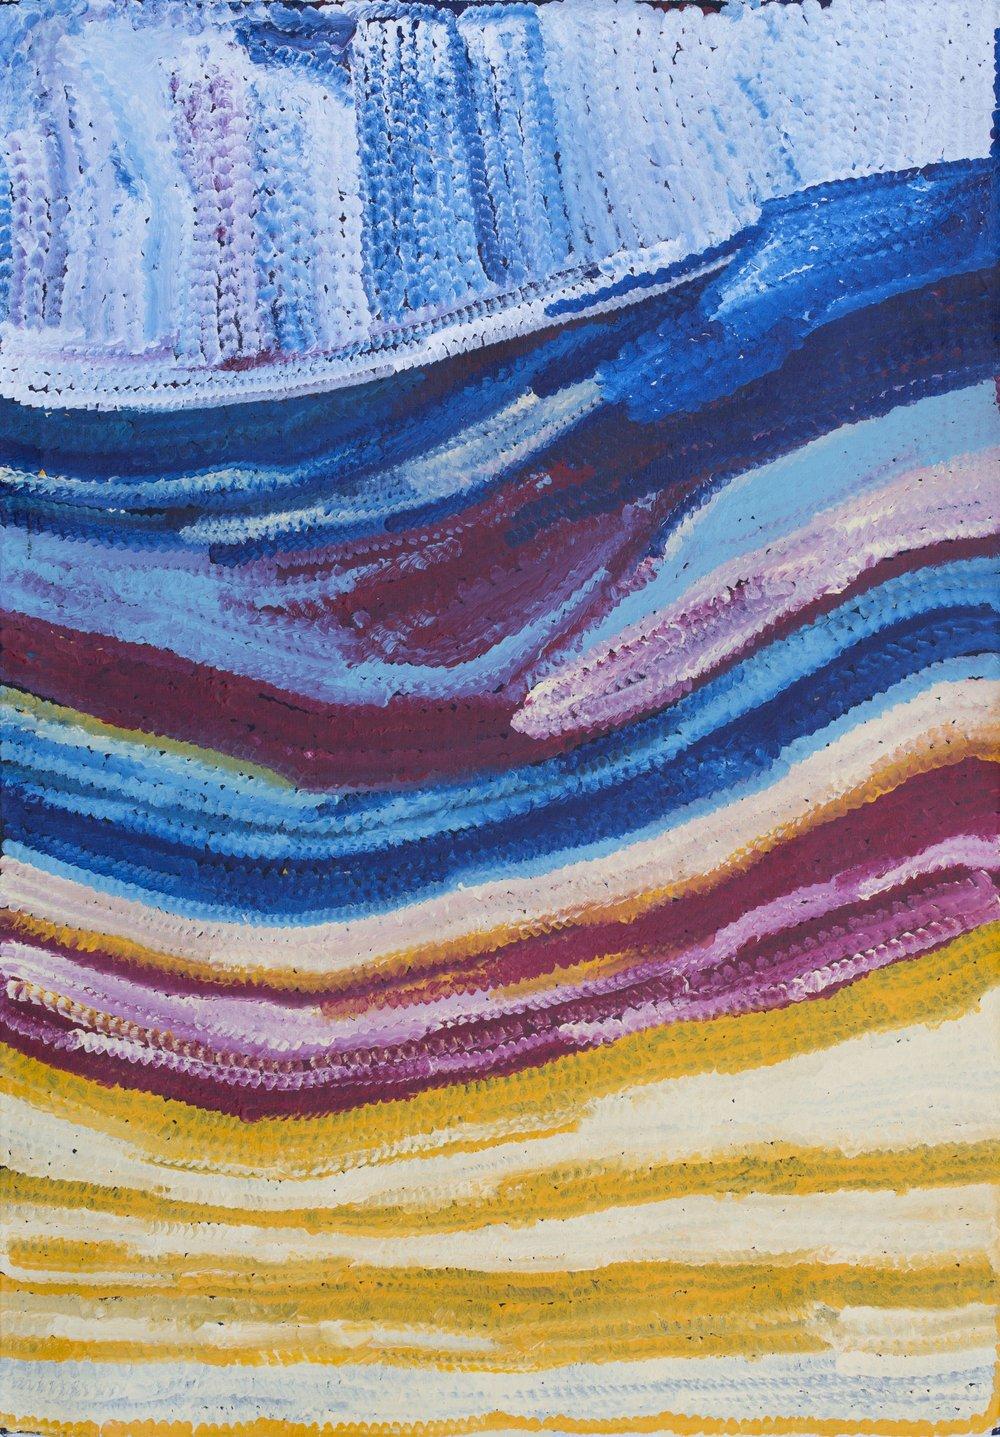 Art Pharamacy_Vandal Gallery_Aboriginal Contemporary_Desert Stars_Bugai Whylouter A1.jpg